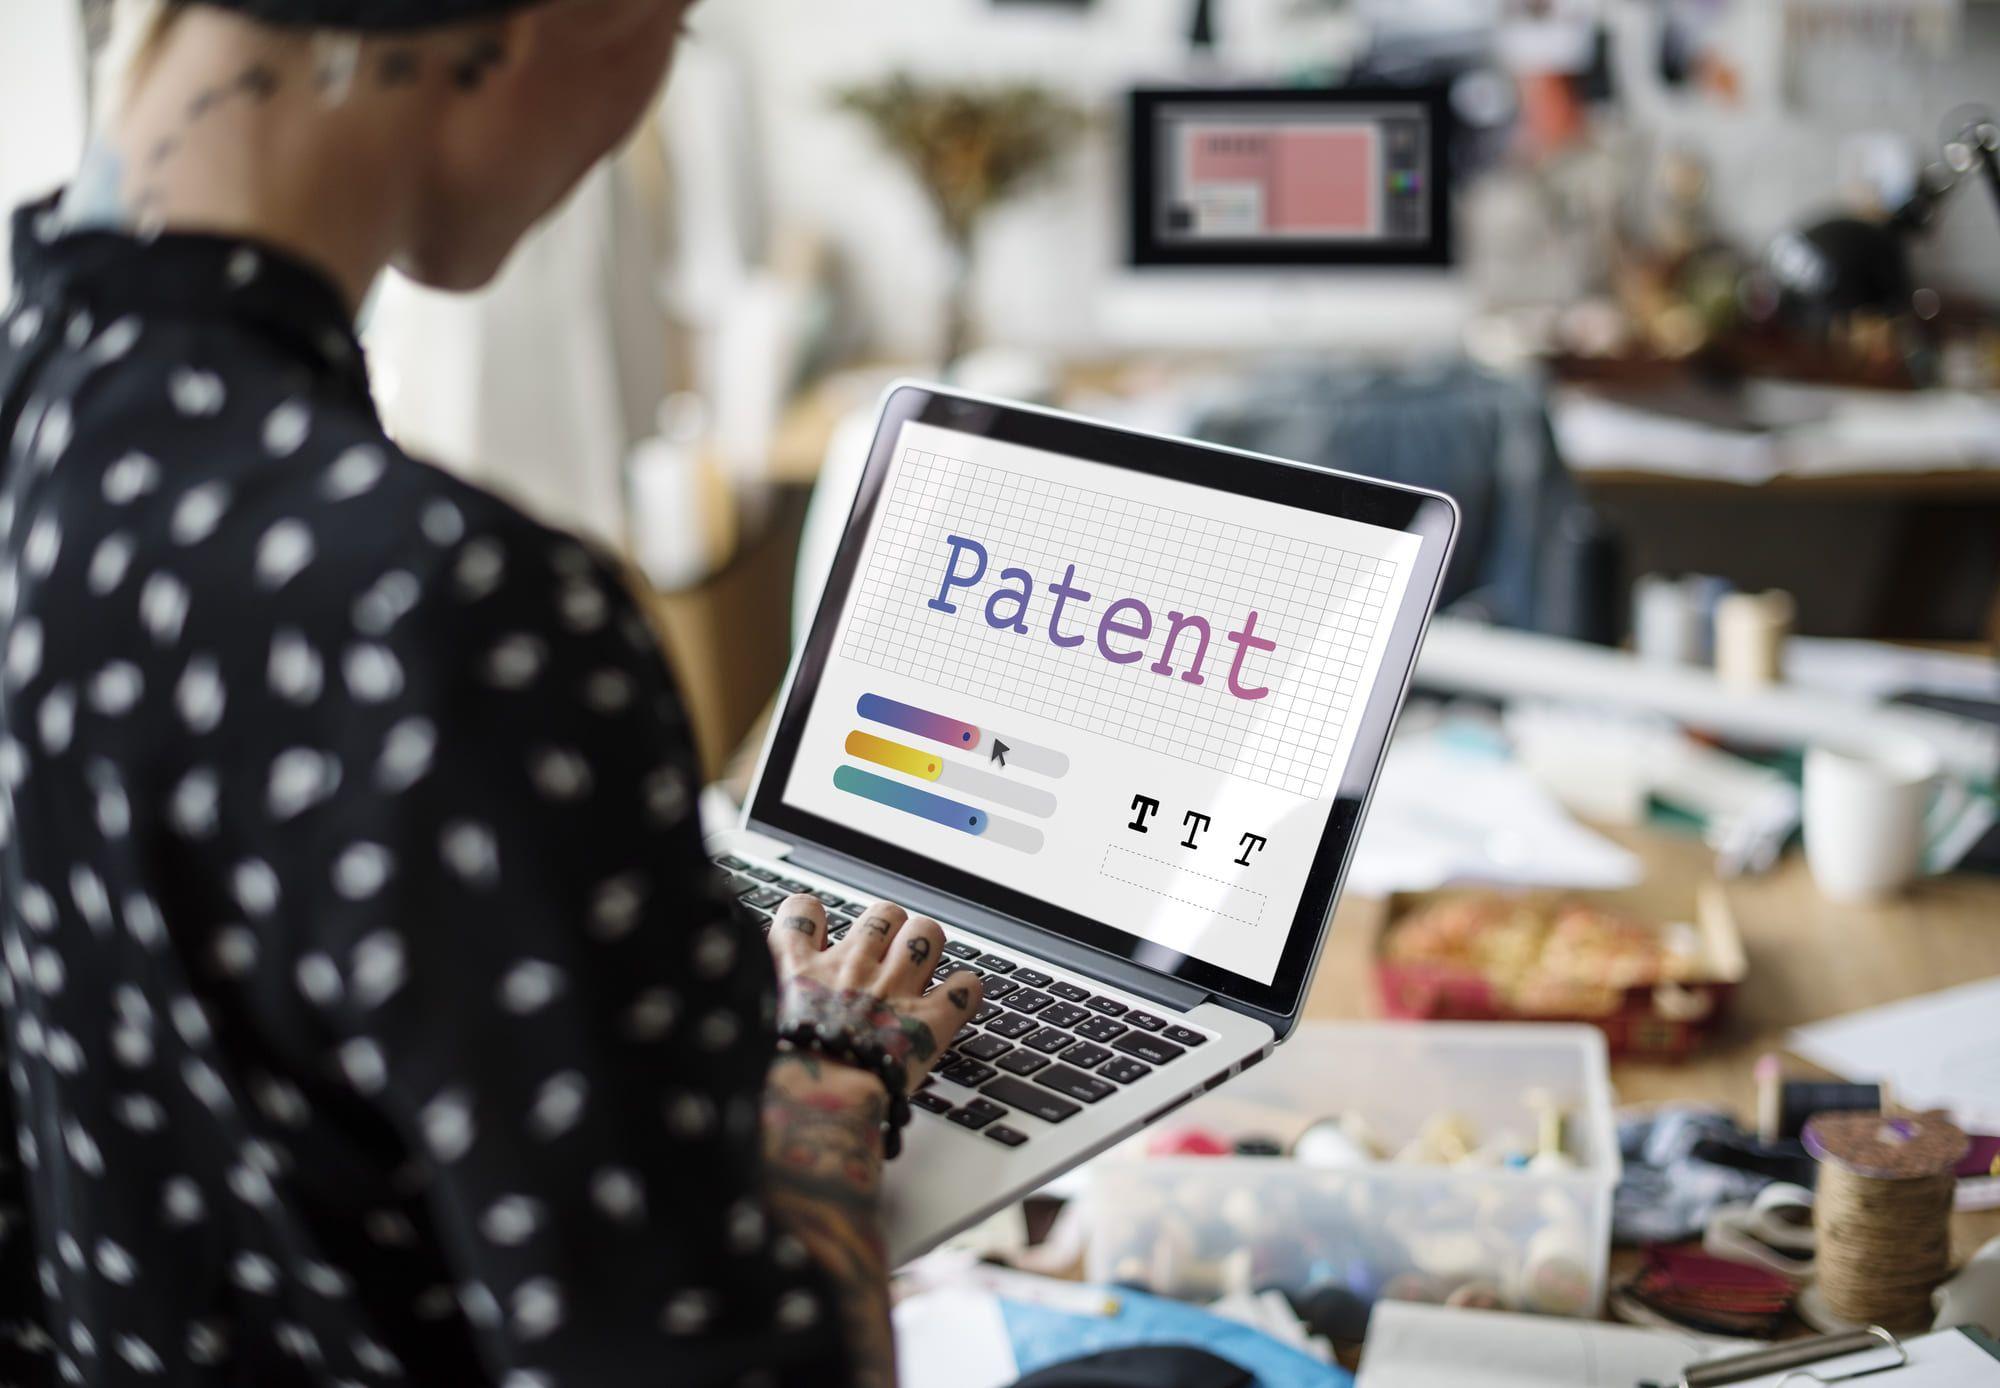 К процедуре рассмотрения патентных заявок могут быть привлечены научные и образовательные организации